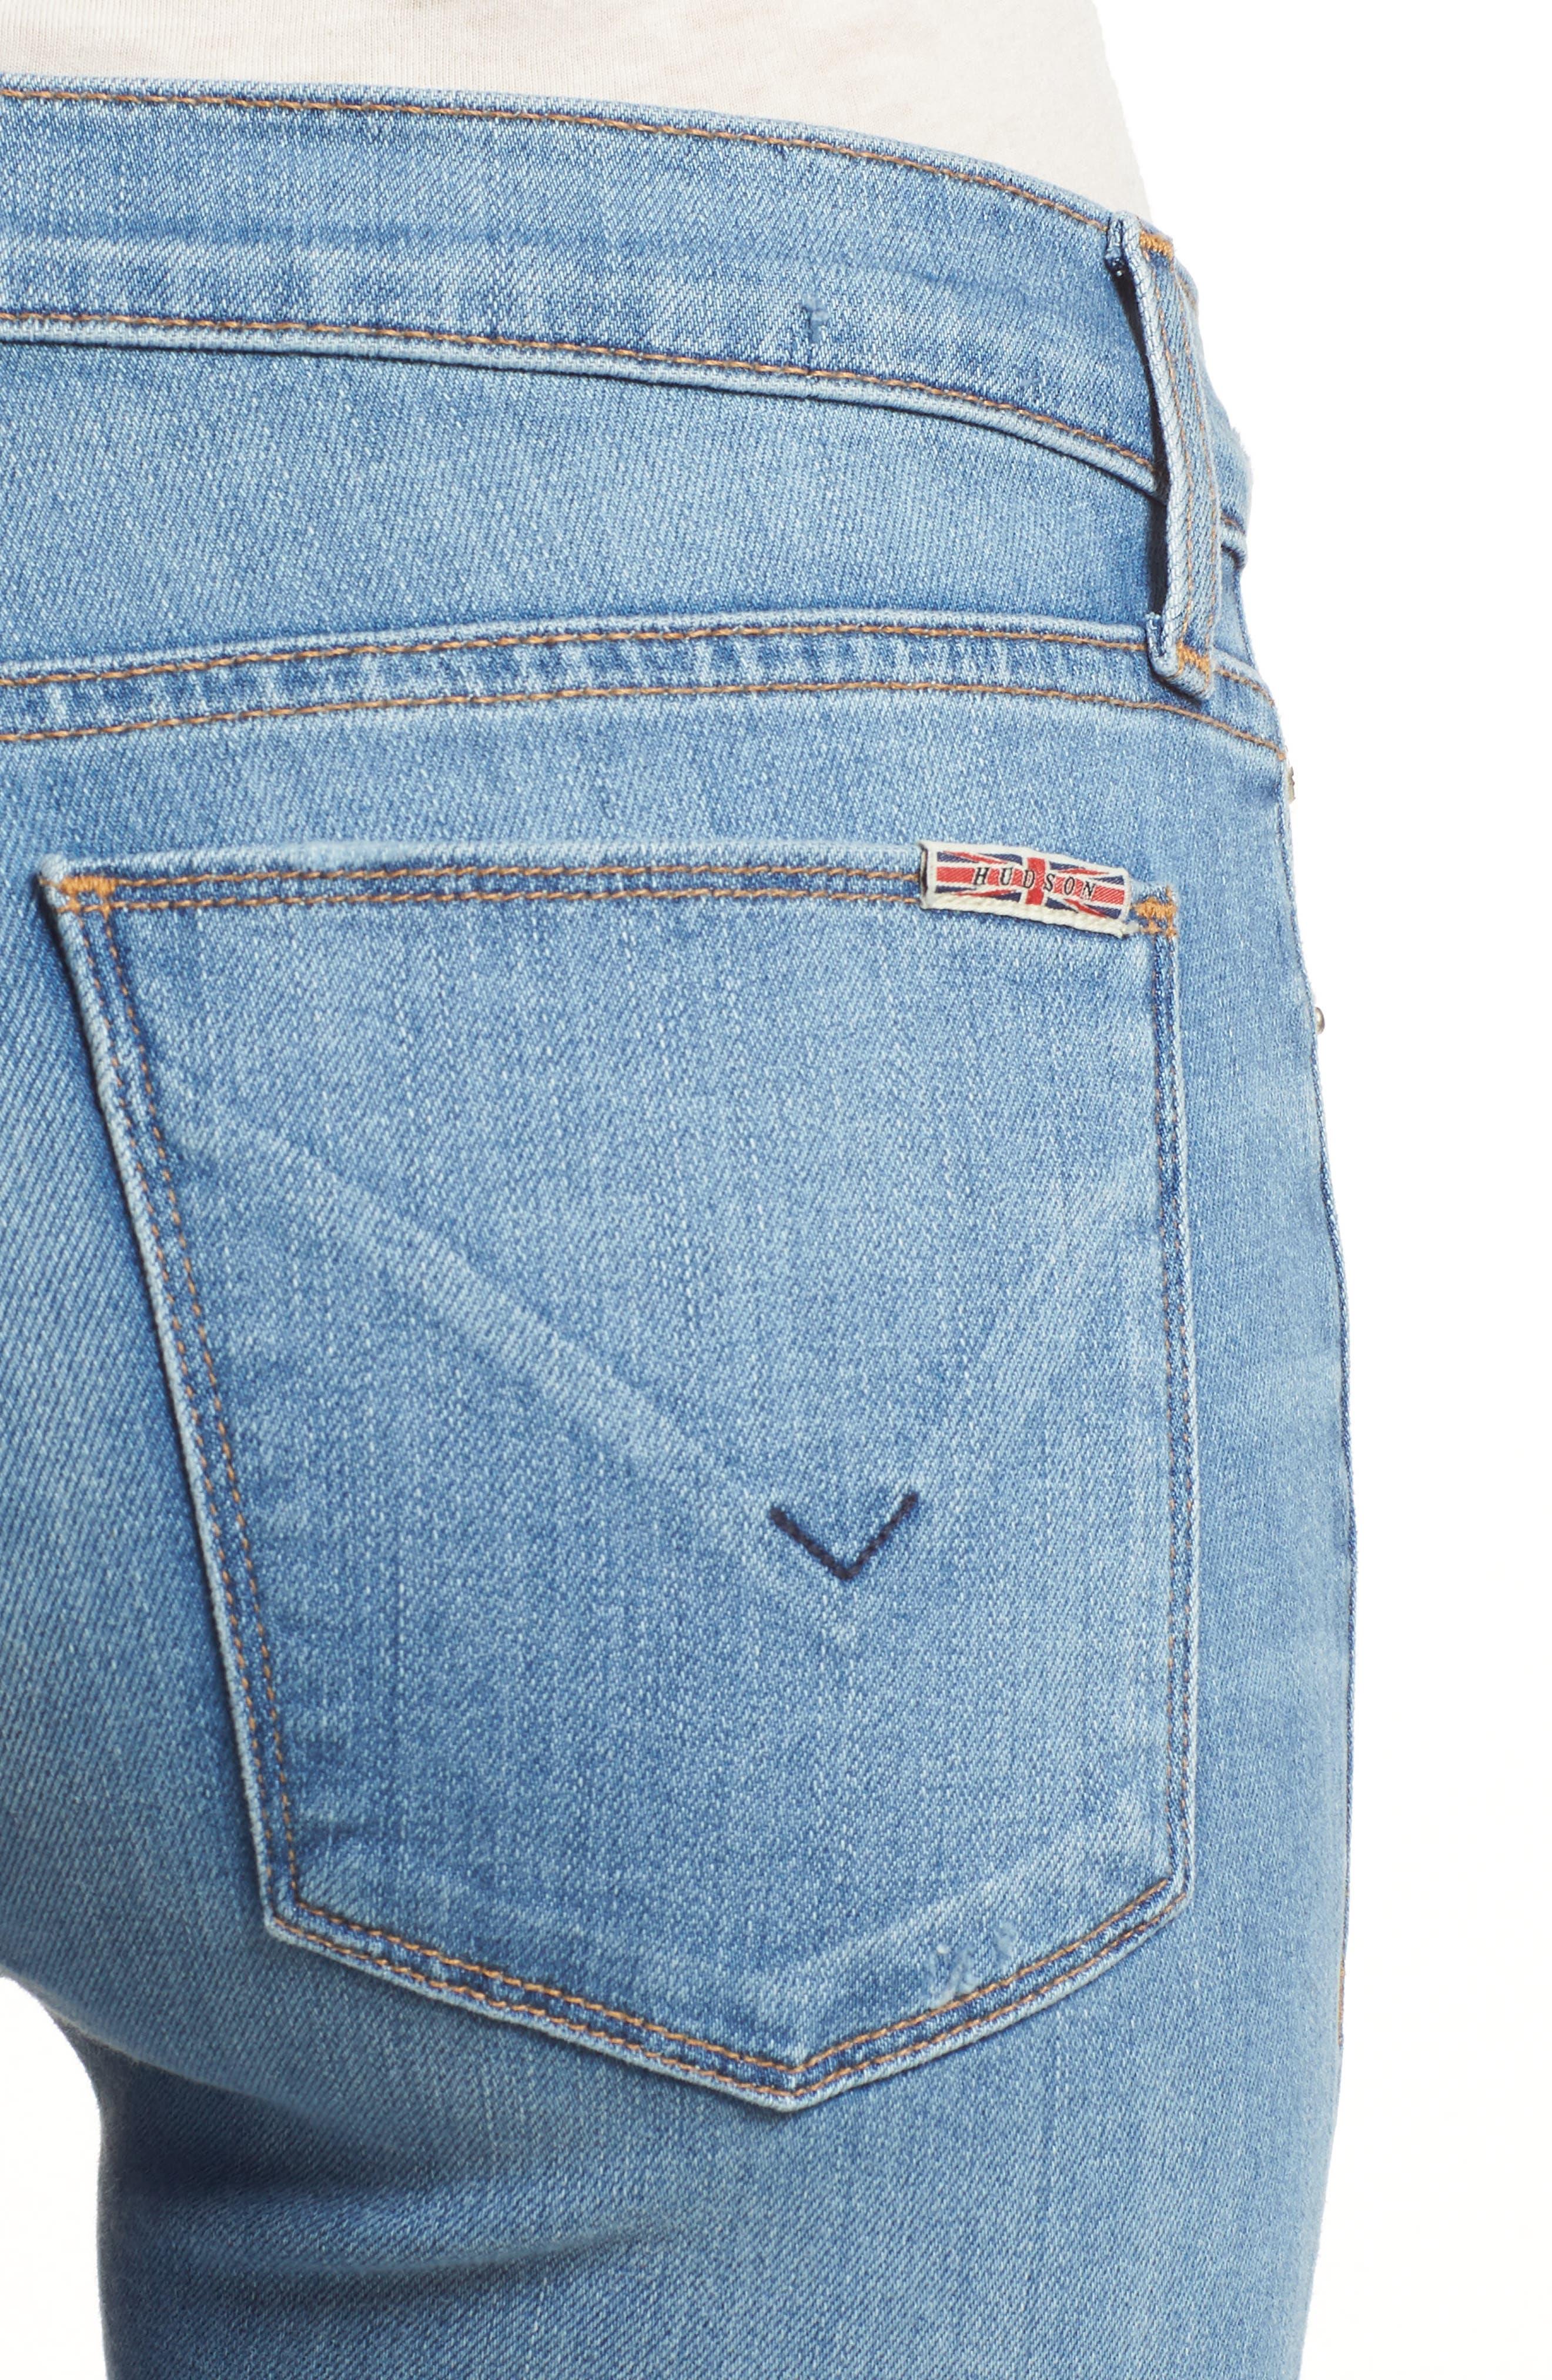 Alternate Image 4  - Hudson Jeans Krista Ankle Super Skinny Jeans (No Tears)